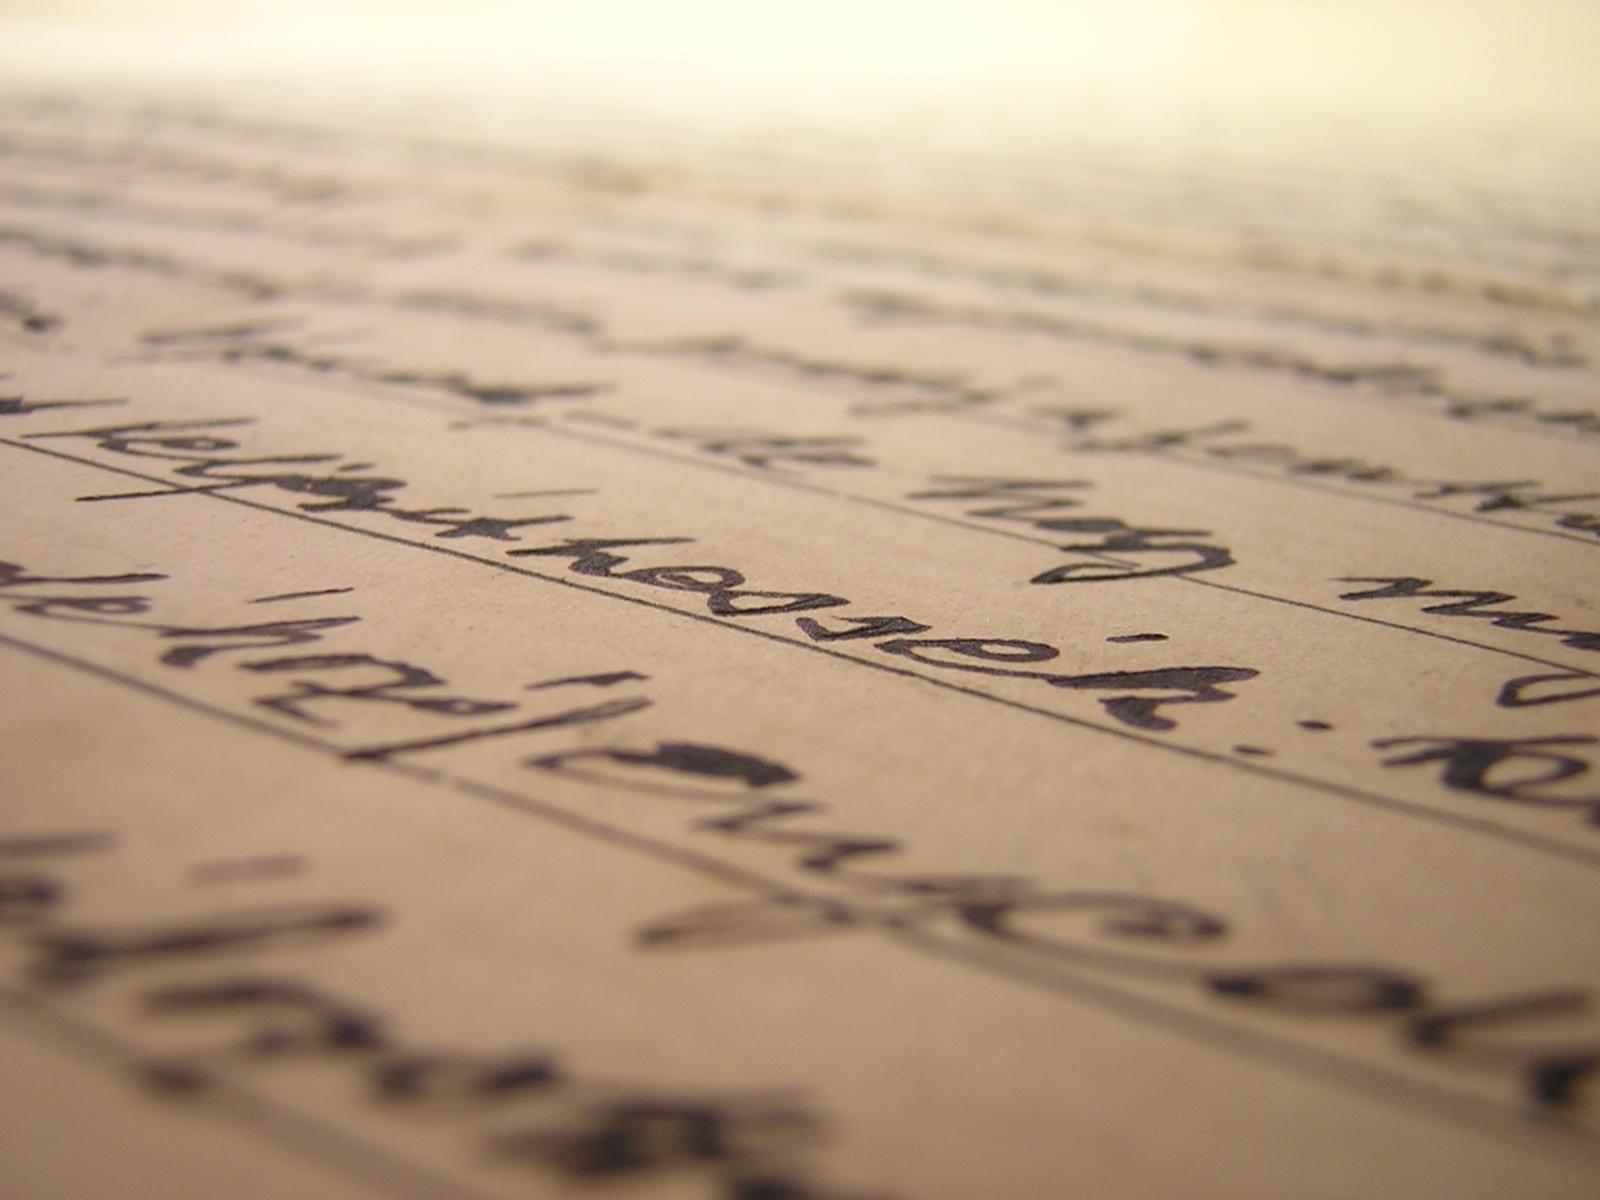 sterke sollicitatiebrief 10 Tips om een sterke sollicitatiebrief te schrijven   Bruto Netto  sterke sollicitatiebrief